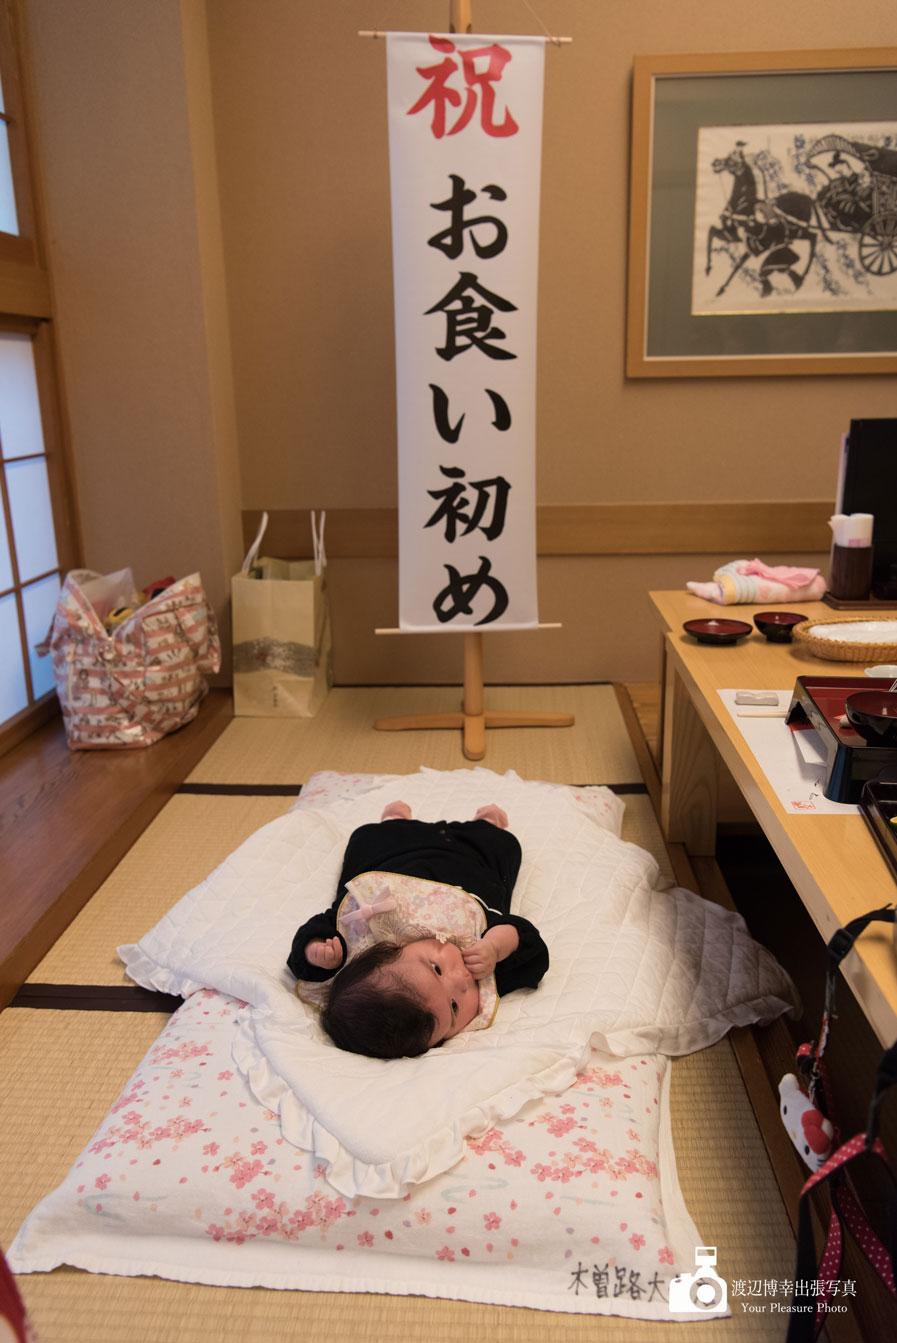 お食い初めの会場で寝ている赤ちゃん